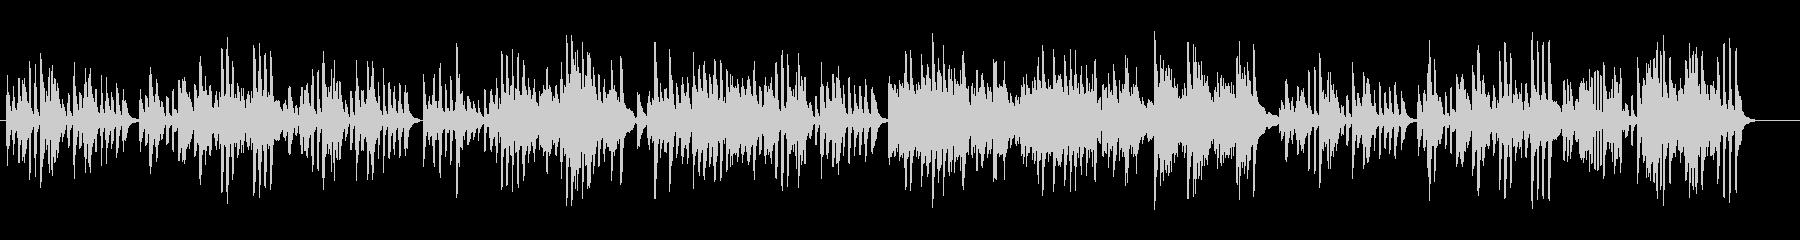 ハイドンのピアノソナタをピアノ演奏での未再生の波形